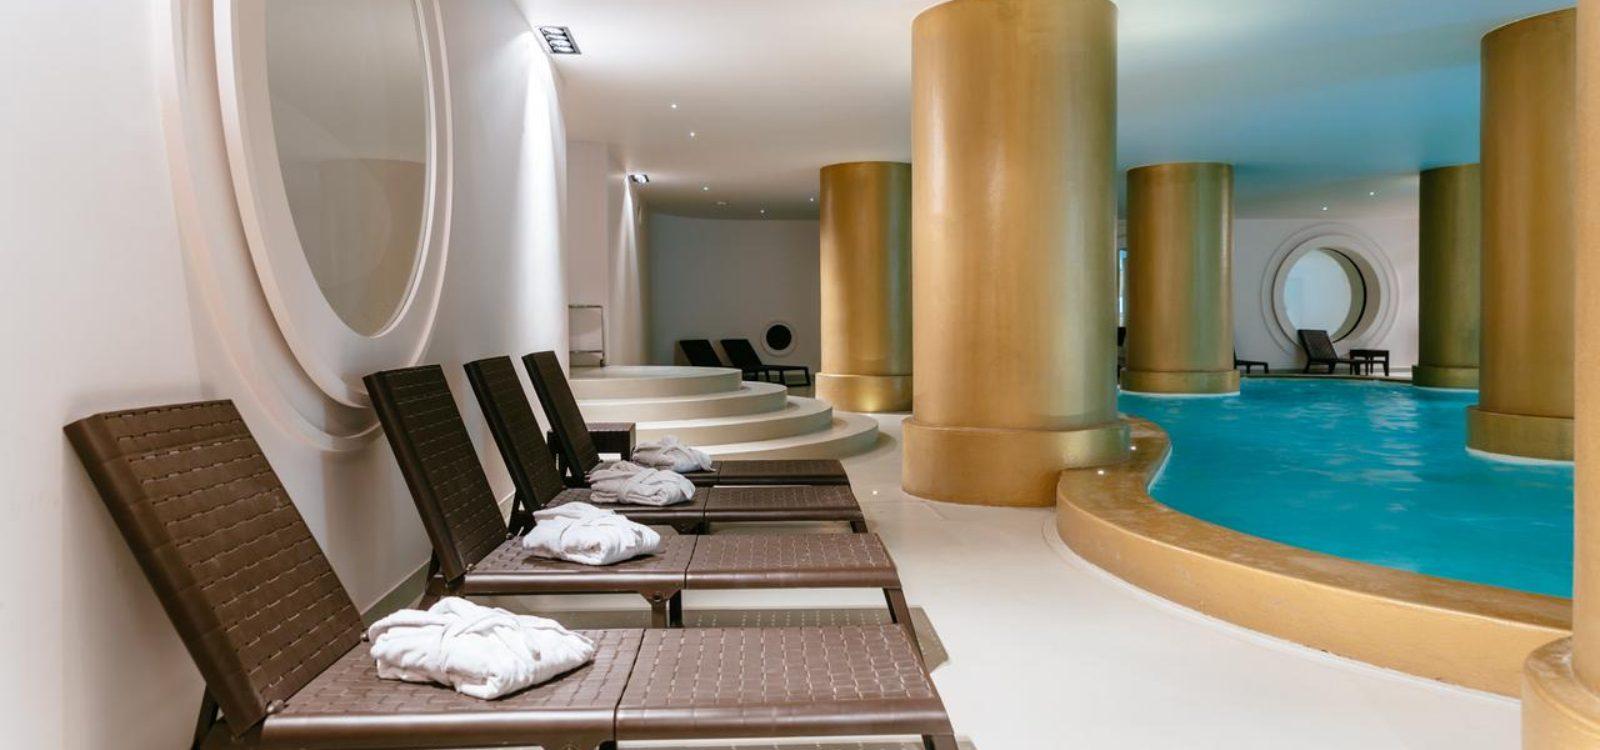 hotel axis vermar povoa de varzim portugal con spa